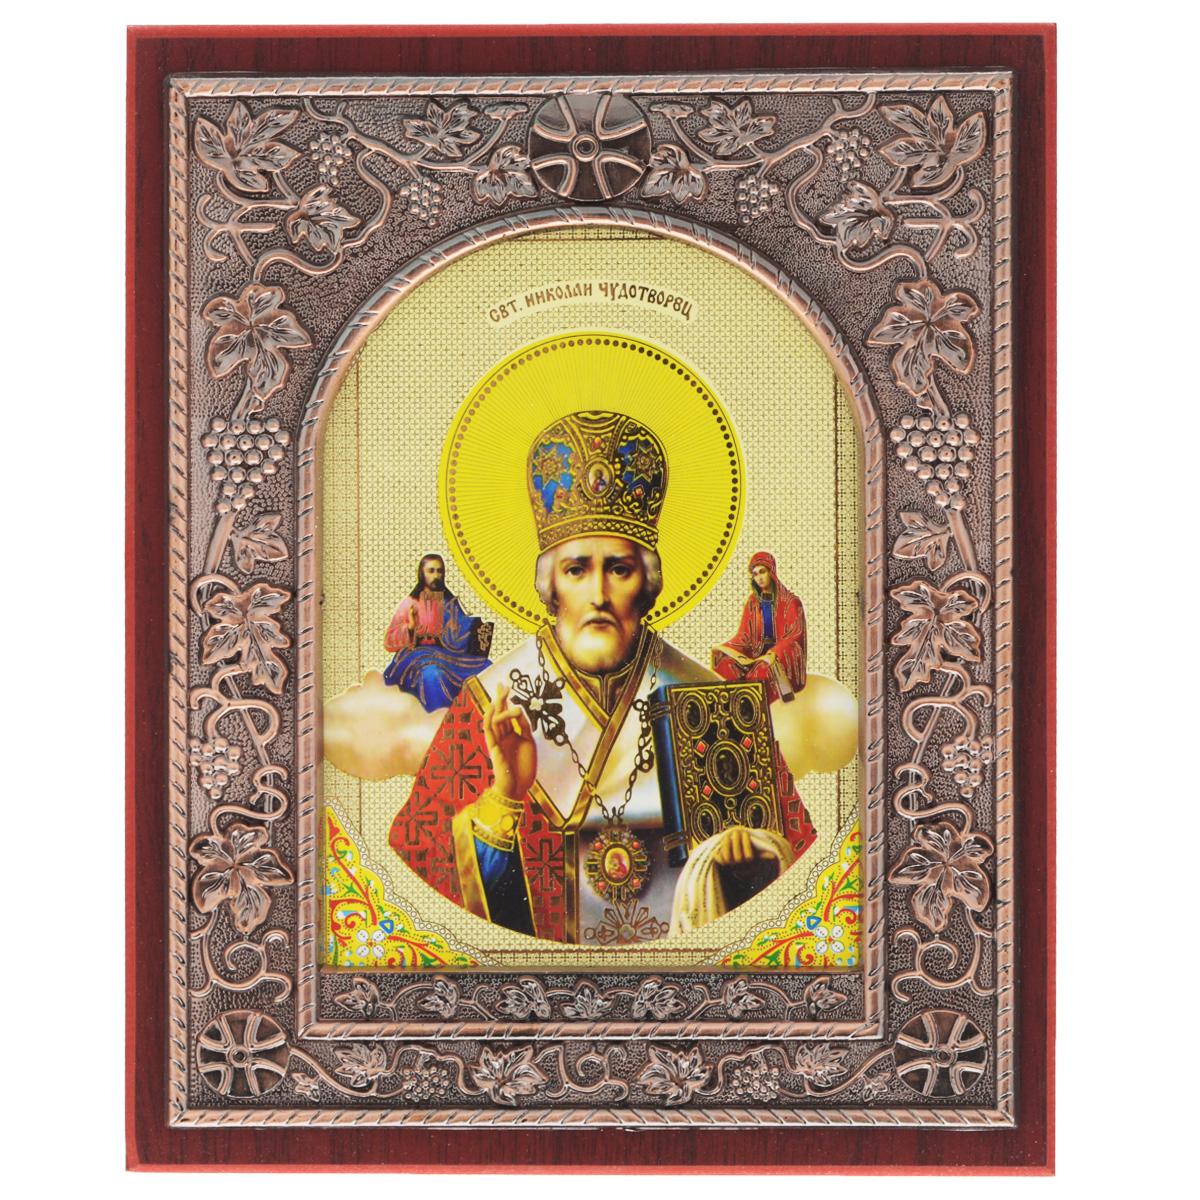 Икона в рамке Sima-land Святой Николай Чудотворец, 19 х 24 см икона галерея благолепия икона святой николай чудотворец 3 юзл 09